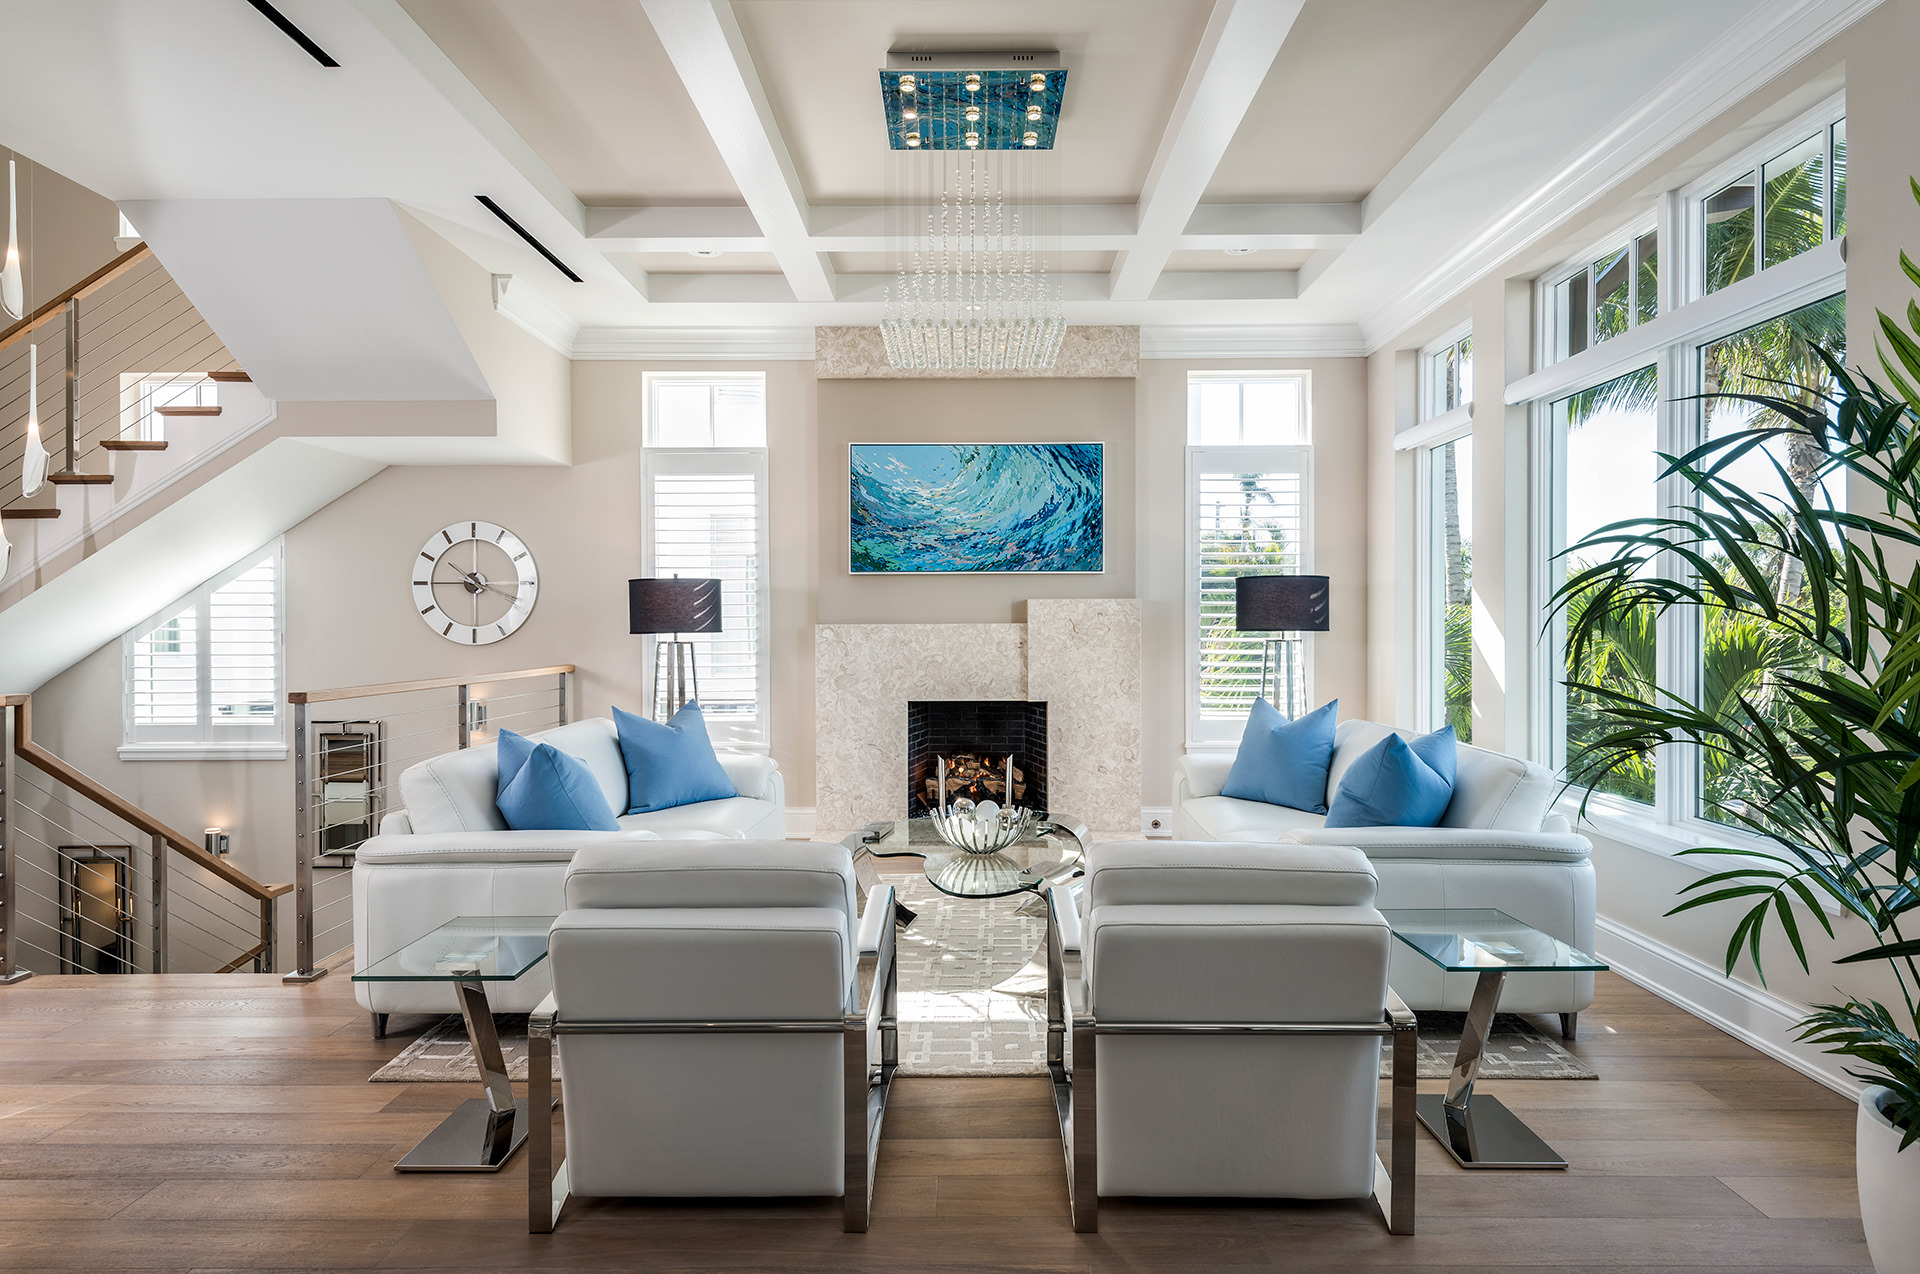 Luxury Remodel - Naples Florida